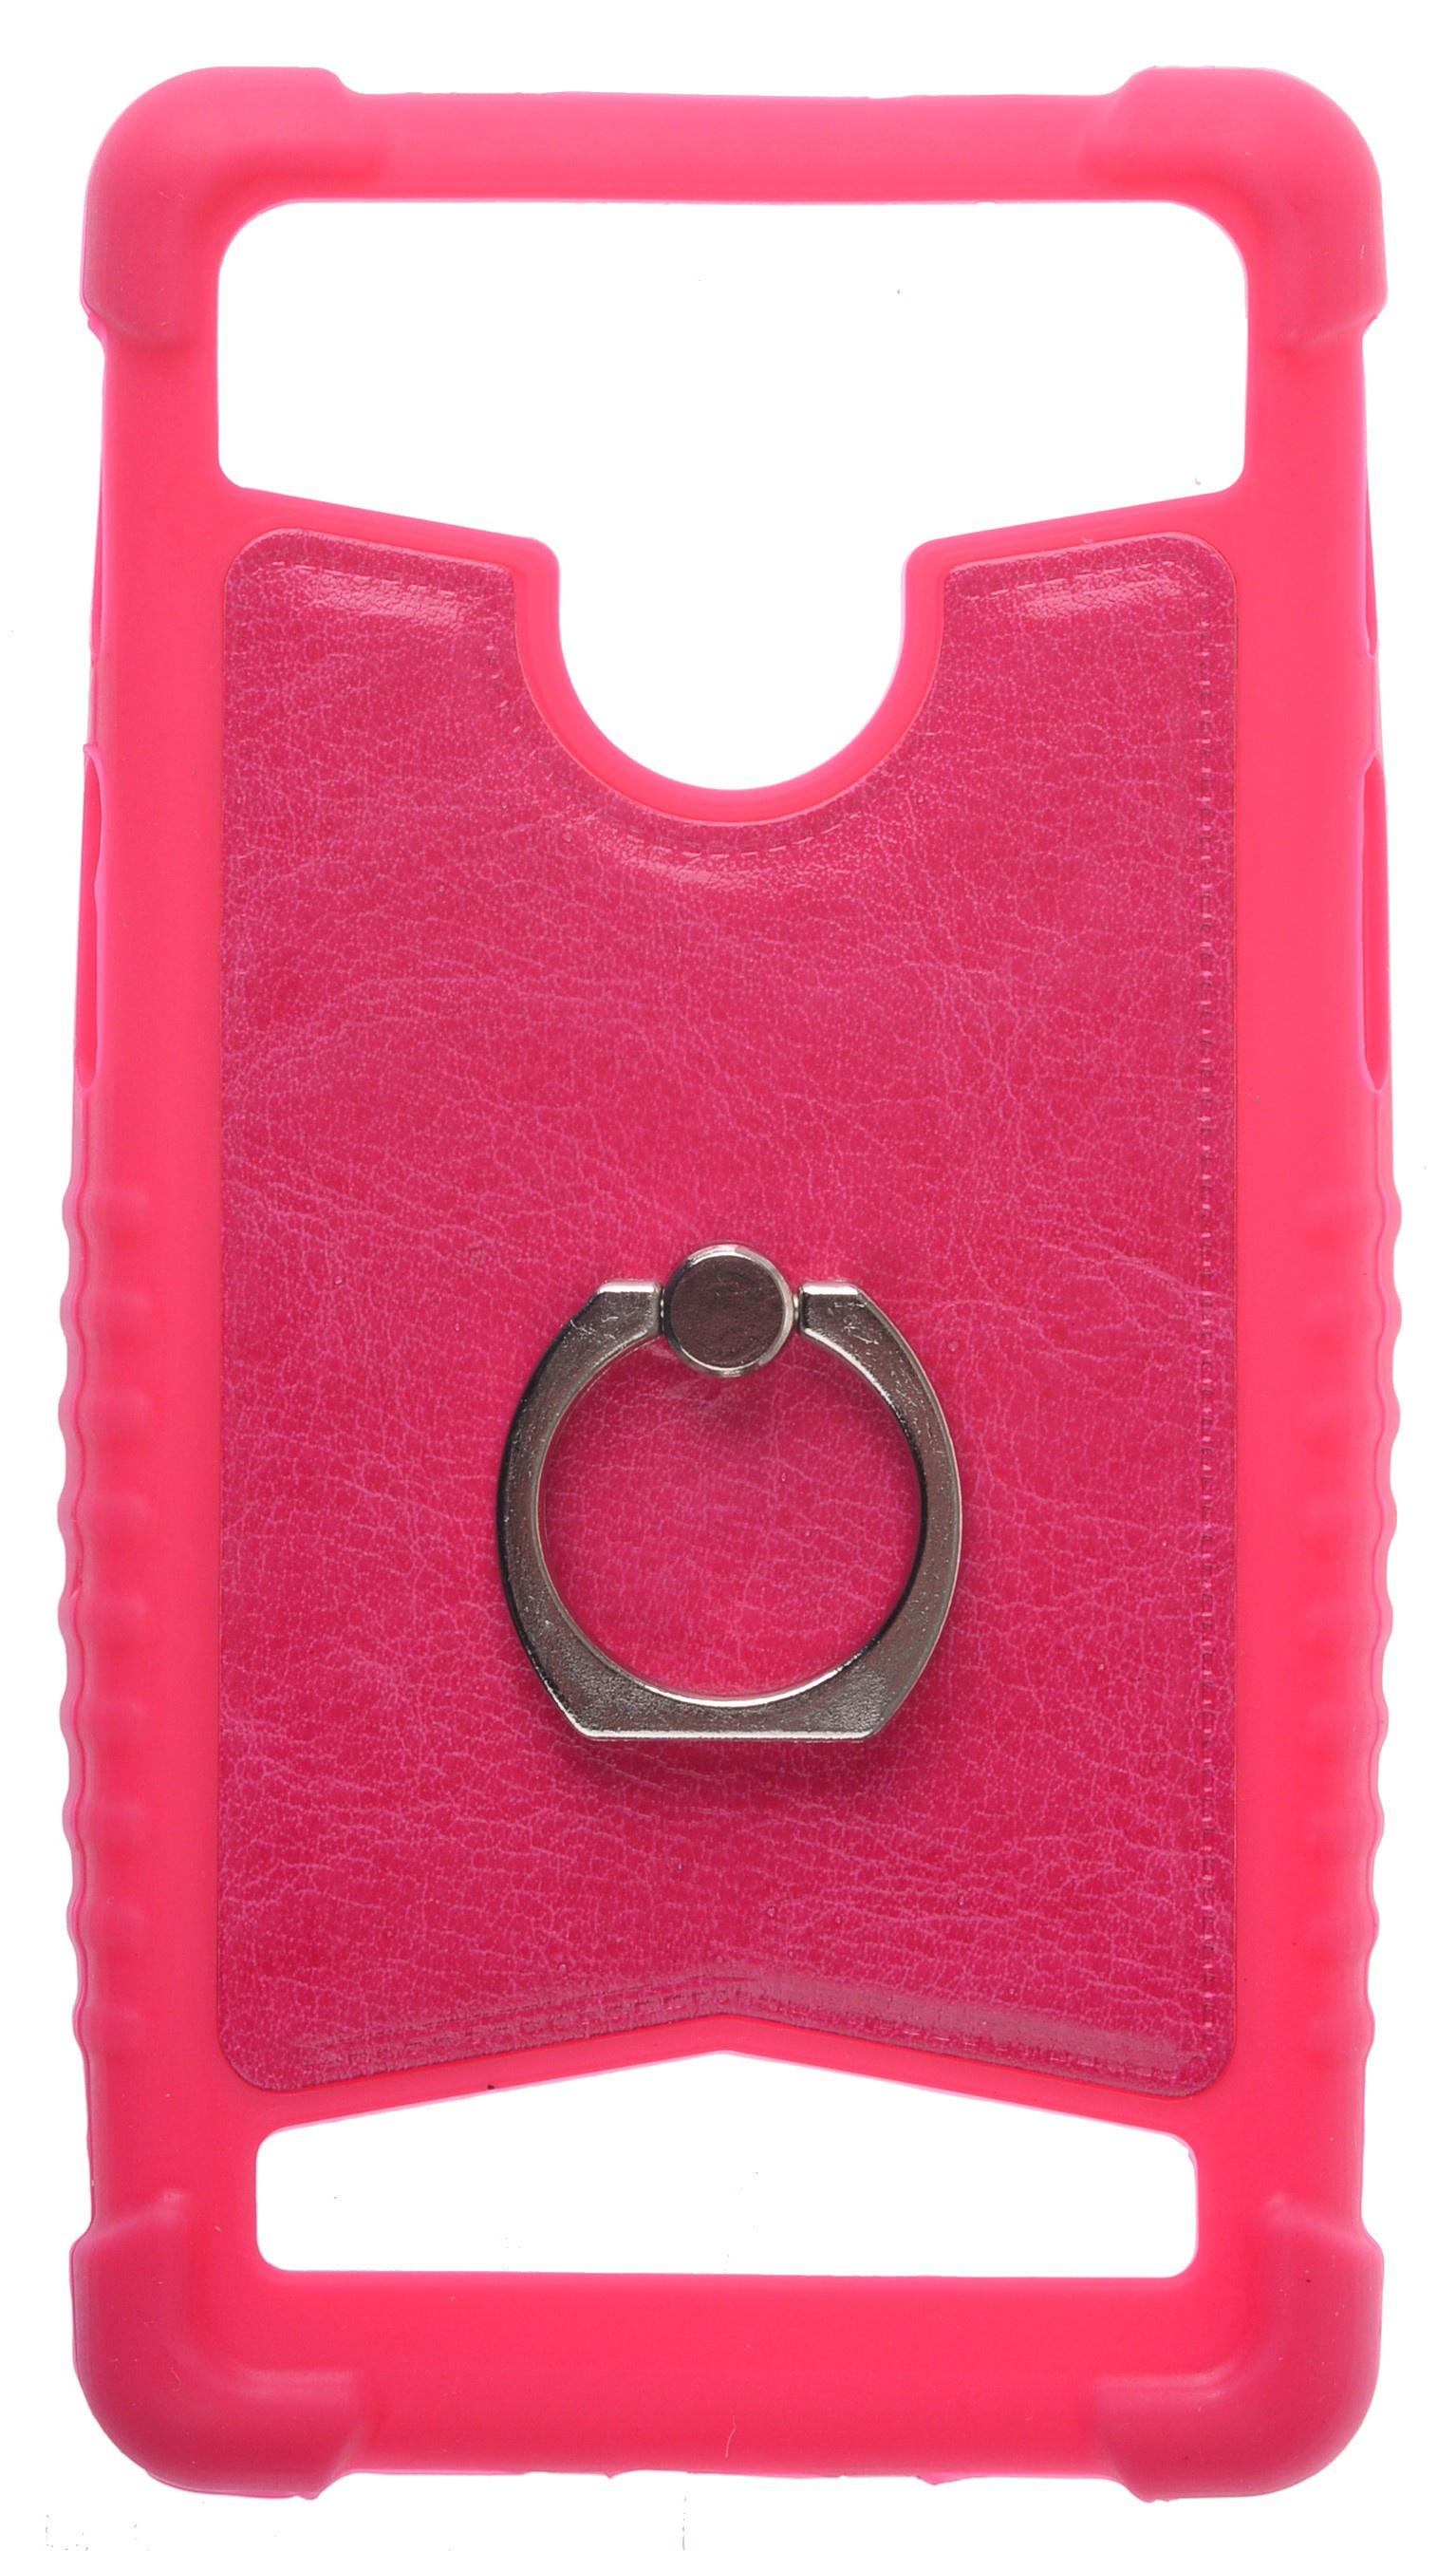 Чехол для сотового телефона skinBOX Universal 5-5.2 ring, 4660041408881, красный чехол activ 3 5 5 5 inch armband universal green 73678